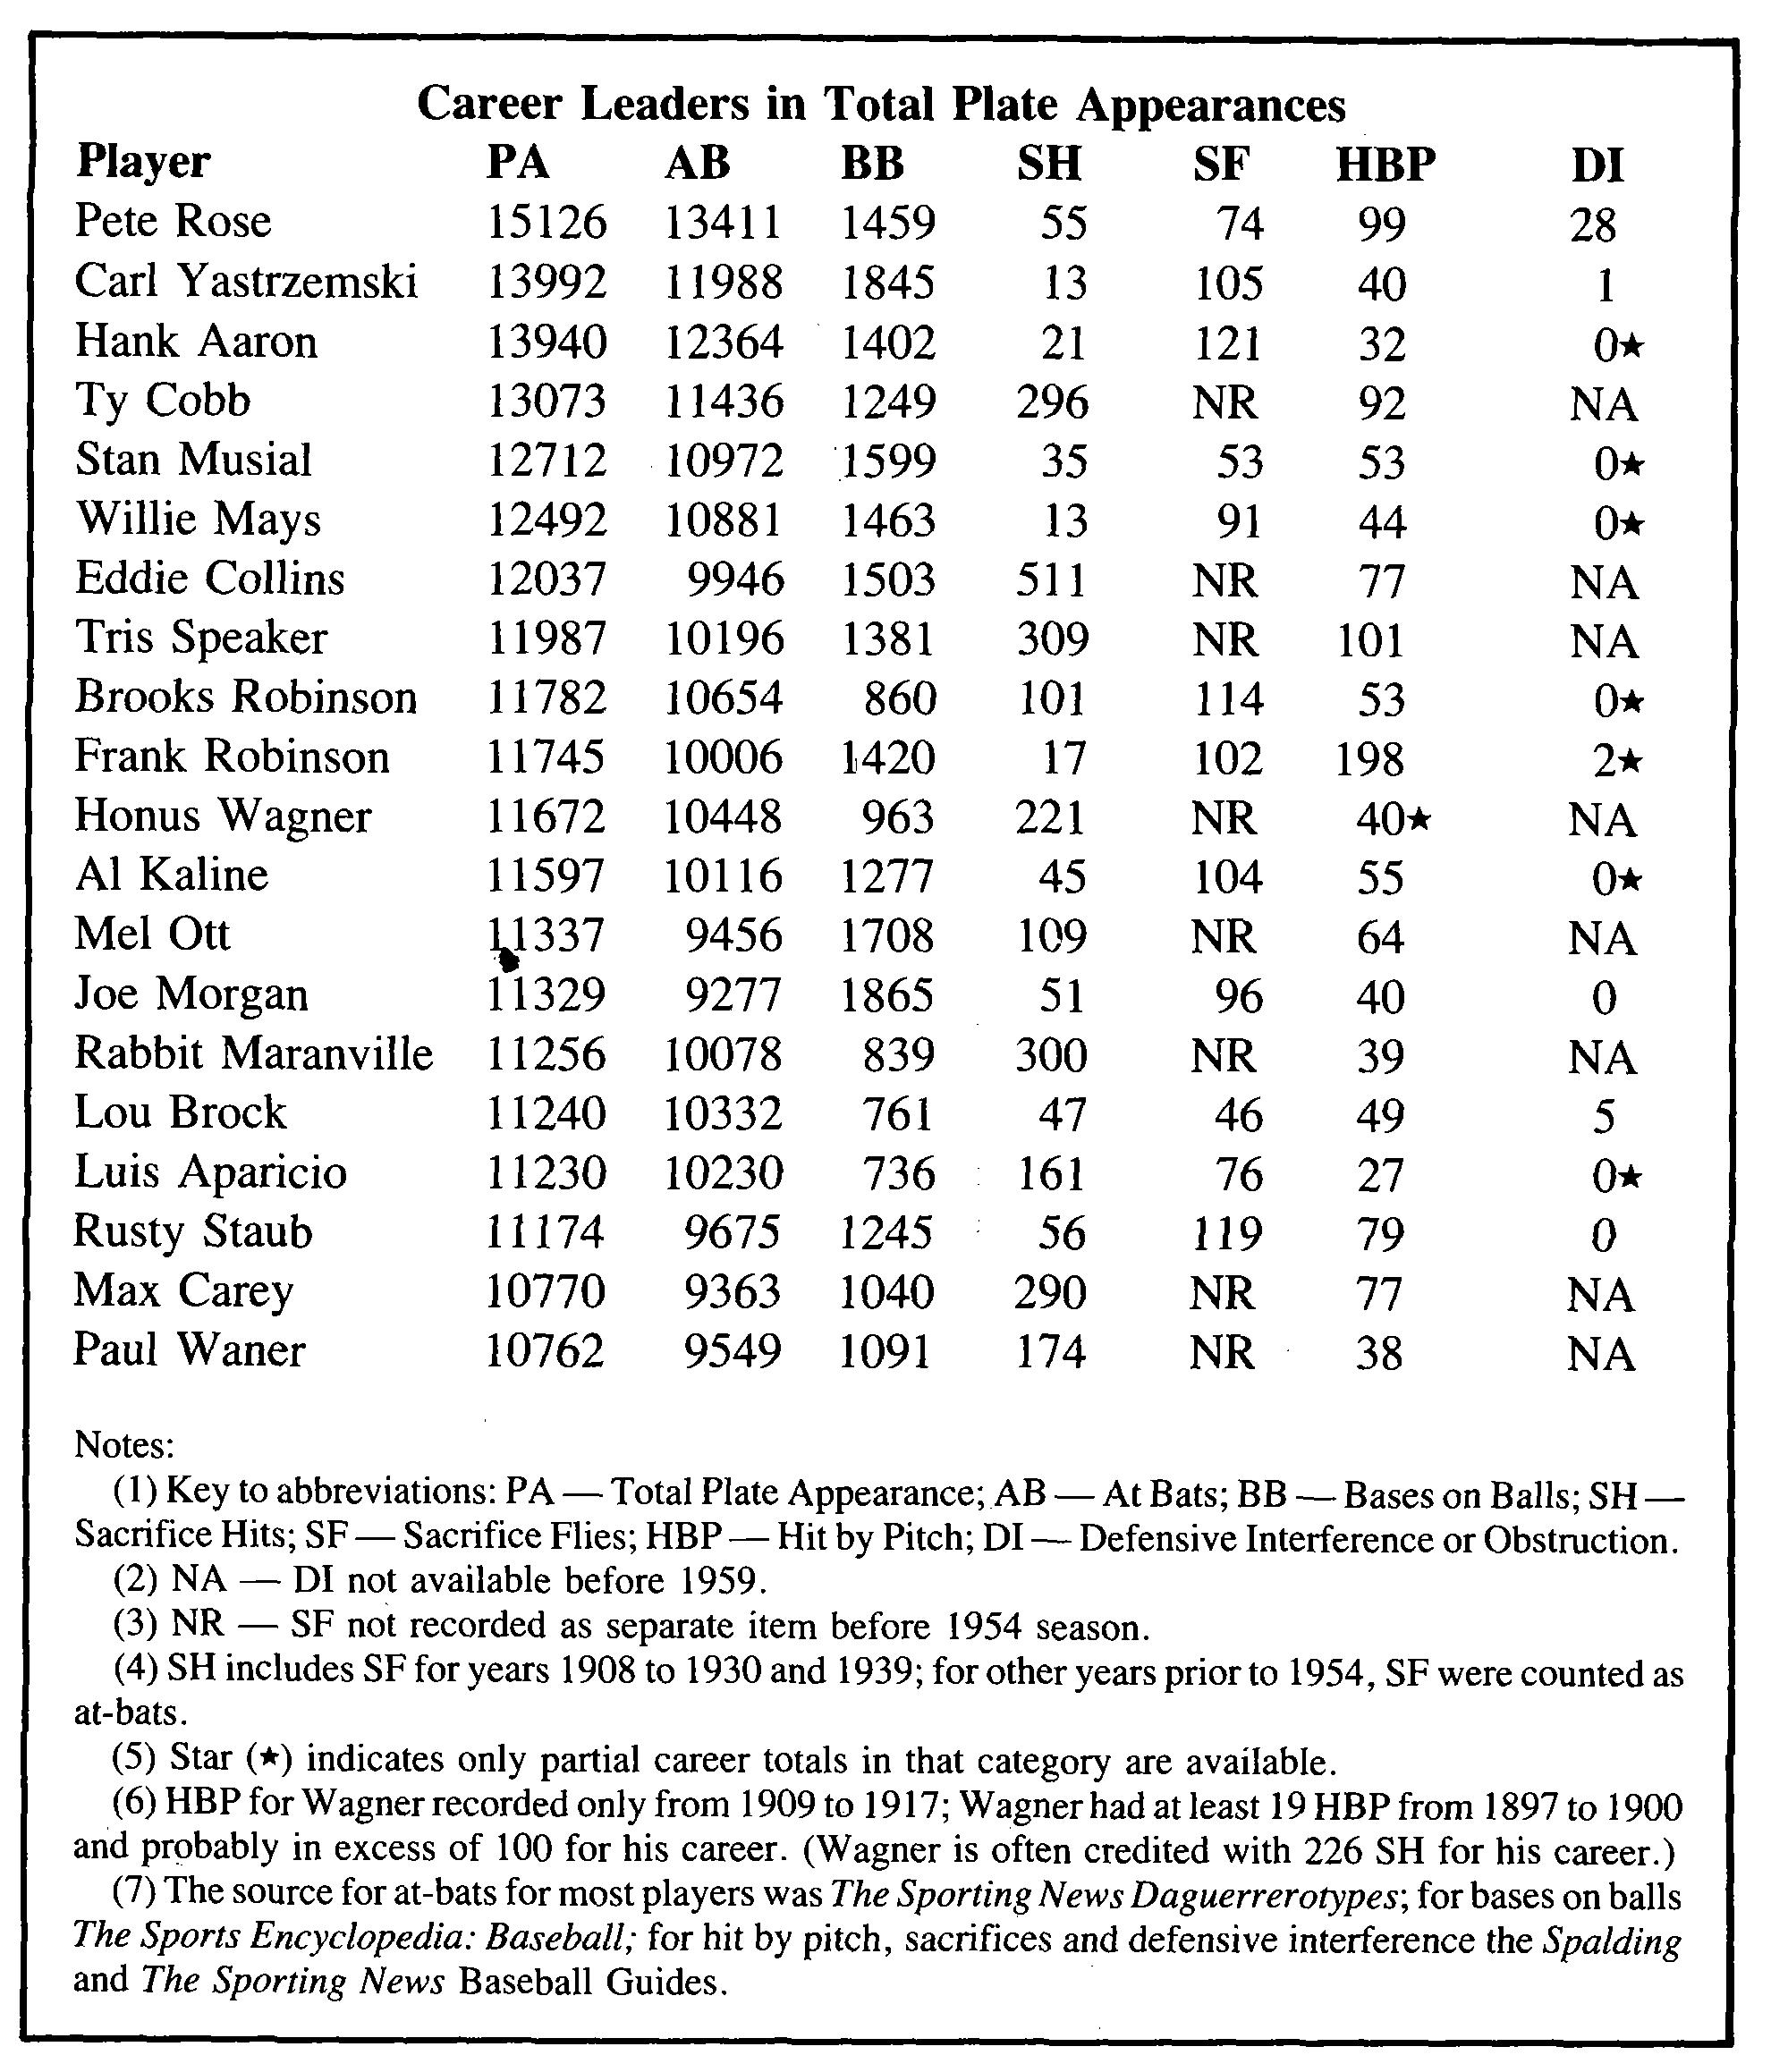 Neil Munro: Table 3